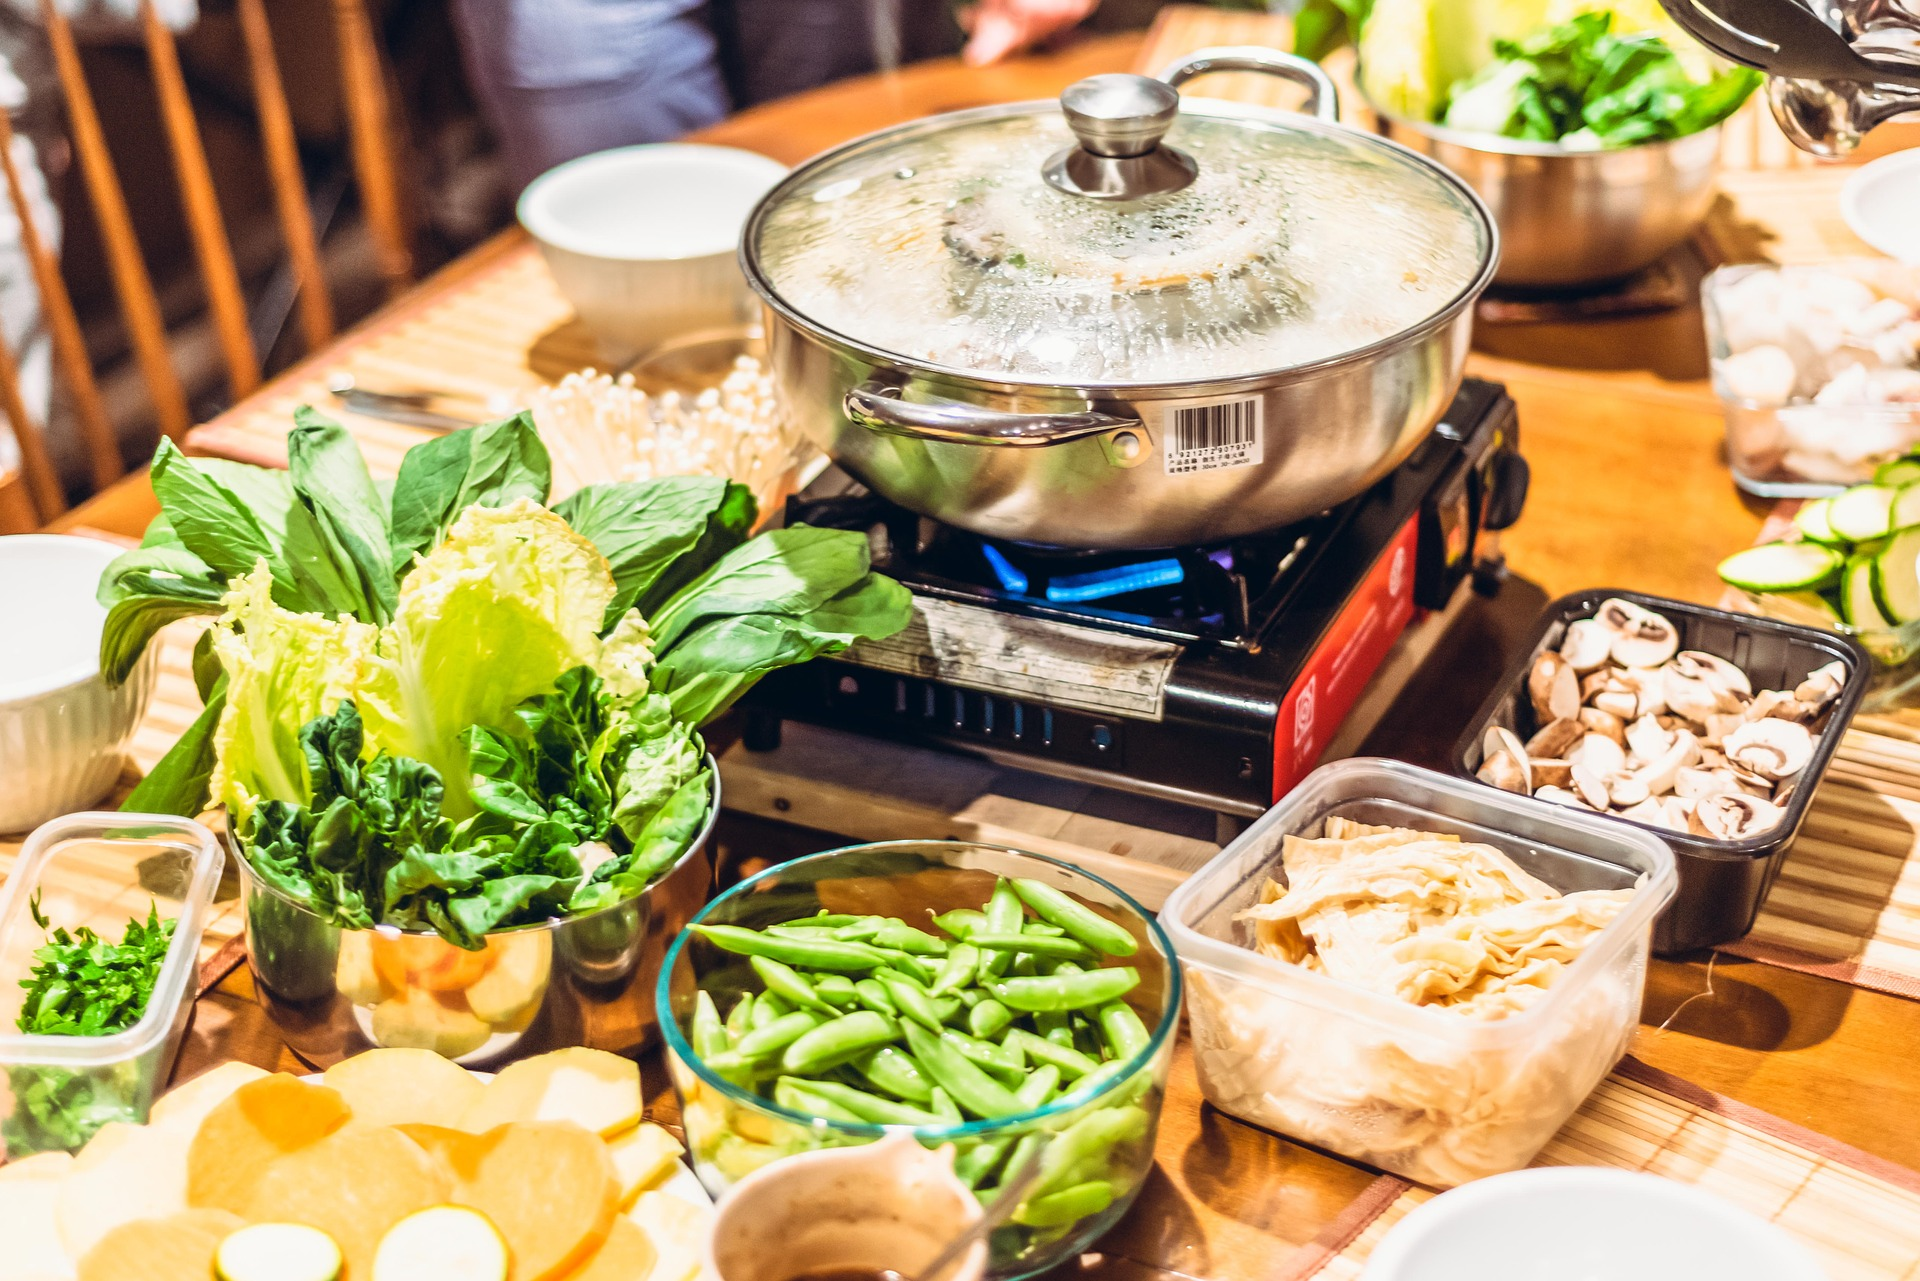 鍋は大きさ次第で味が激変する!?一人暮らし用に最適な鍋の選び方